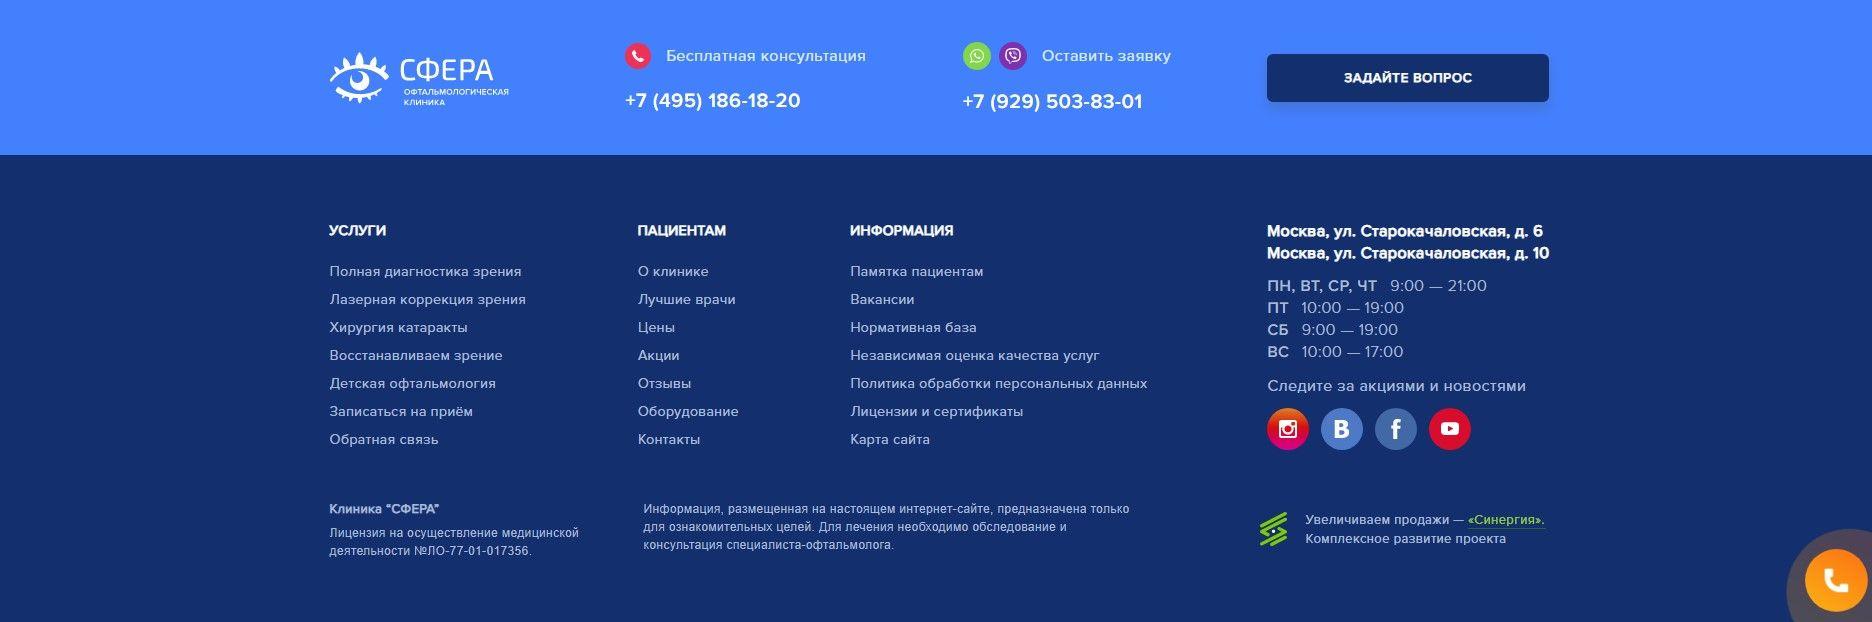 График работы в подвале на примере www.sfe.ru